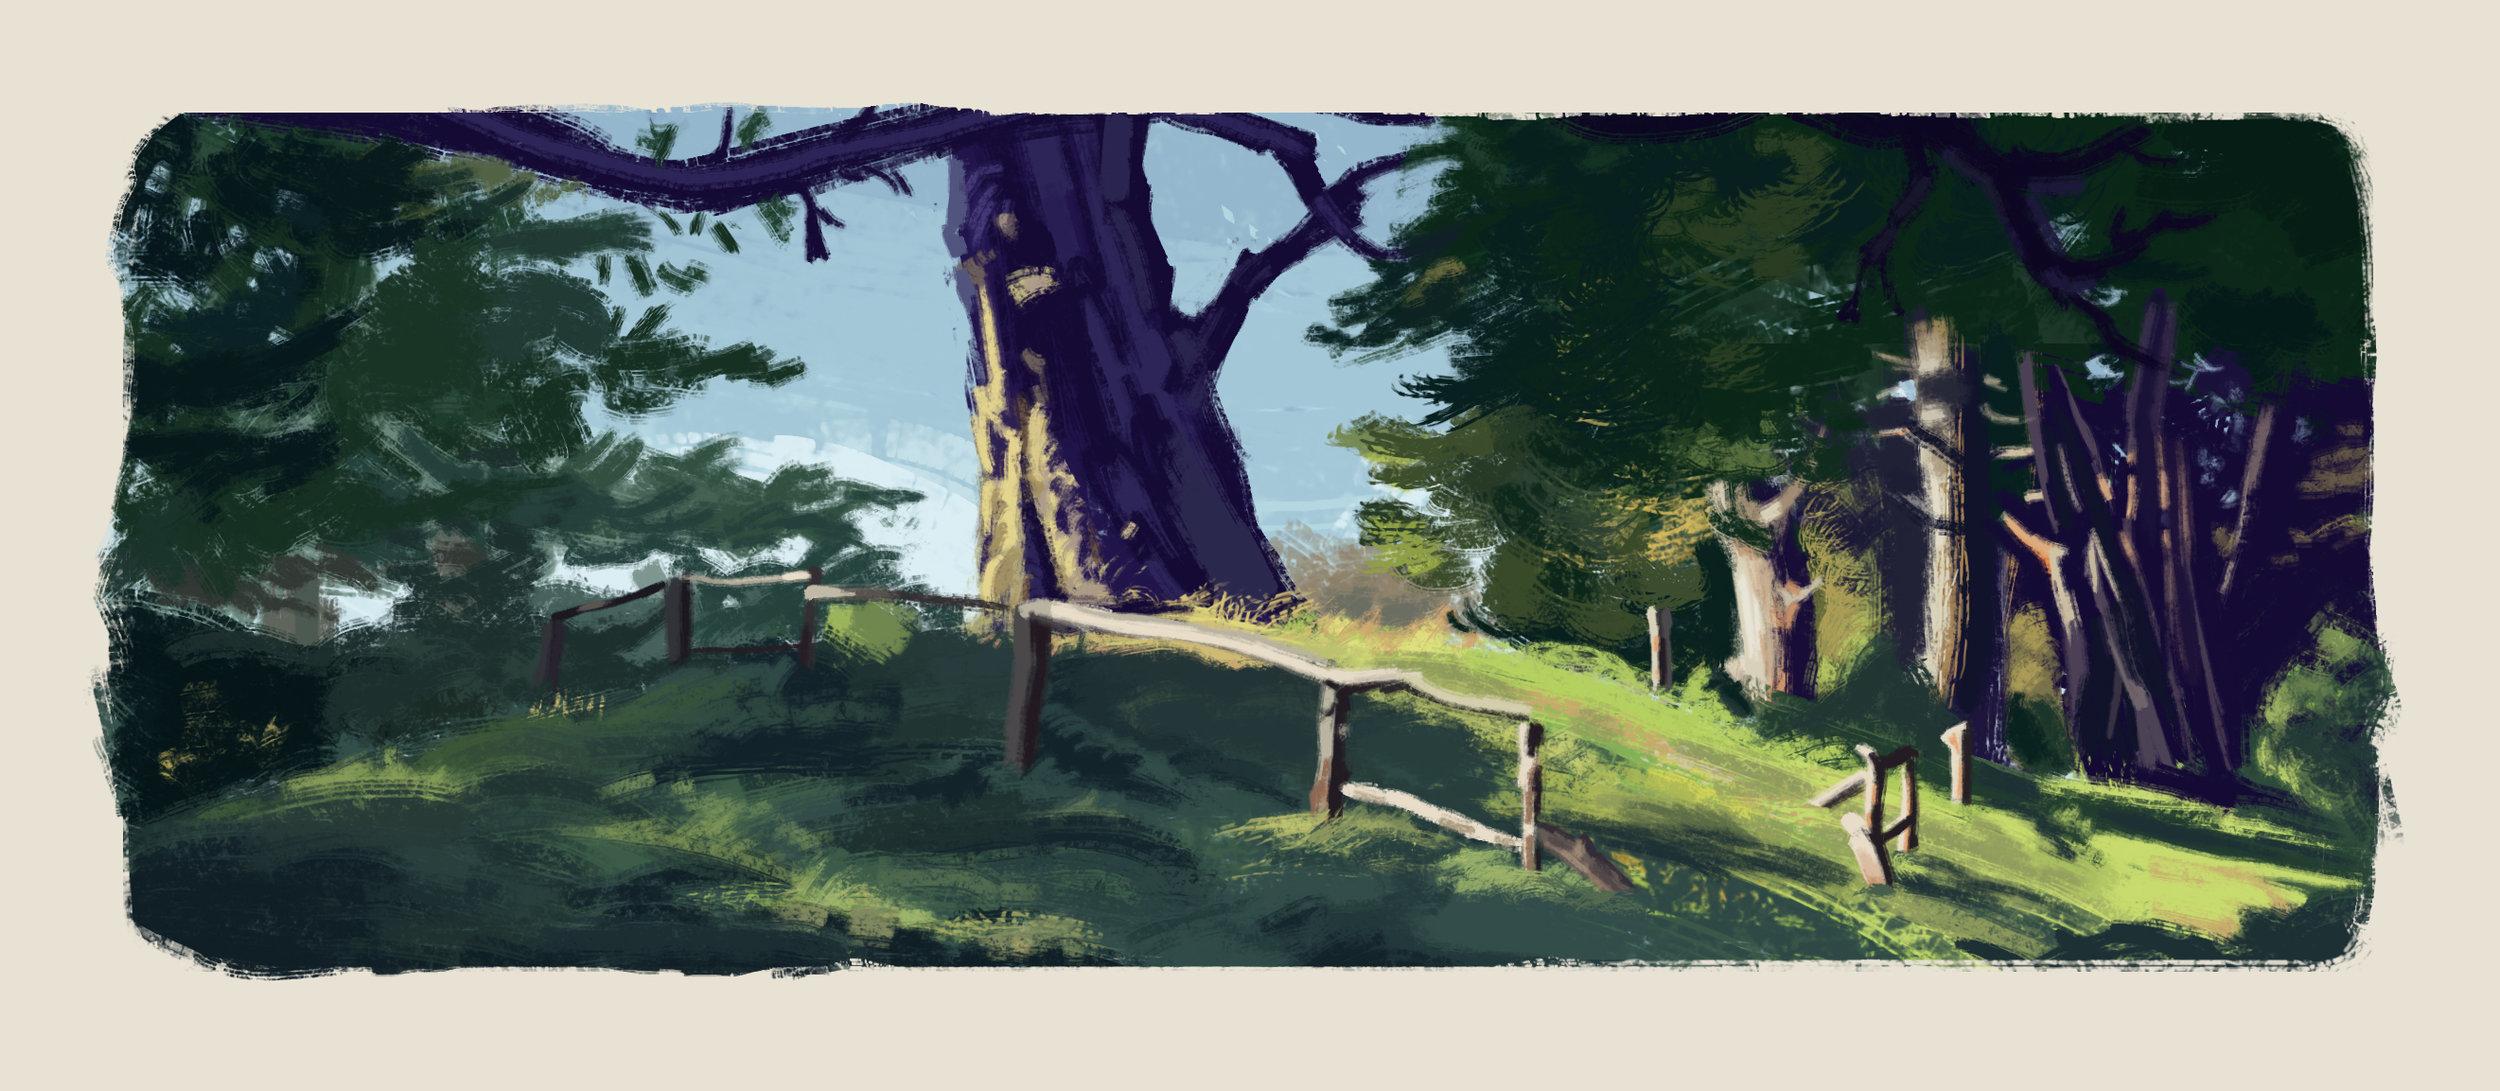 Peter_Landscape3.jpg